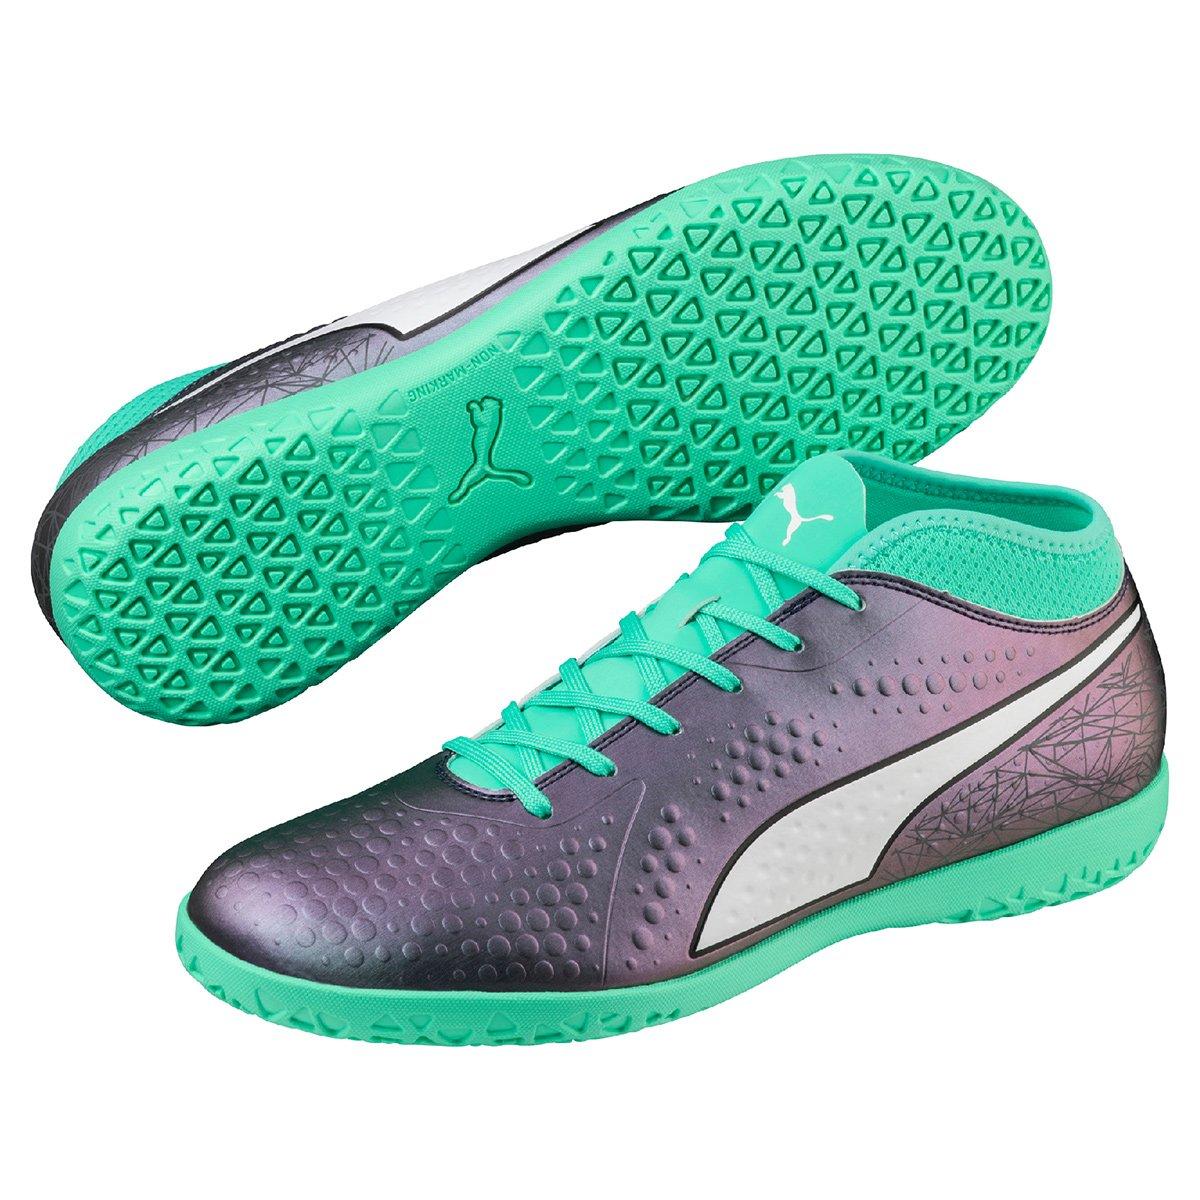 48a65f5a6dd Chuteira Futsal Infantil Puma One 4 IL Syn IT BDP - Compre Agora ...